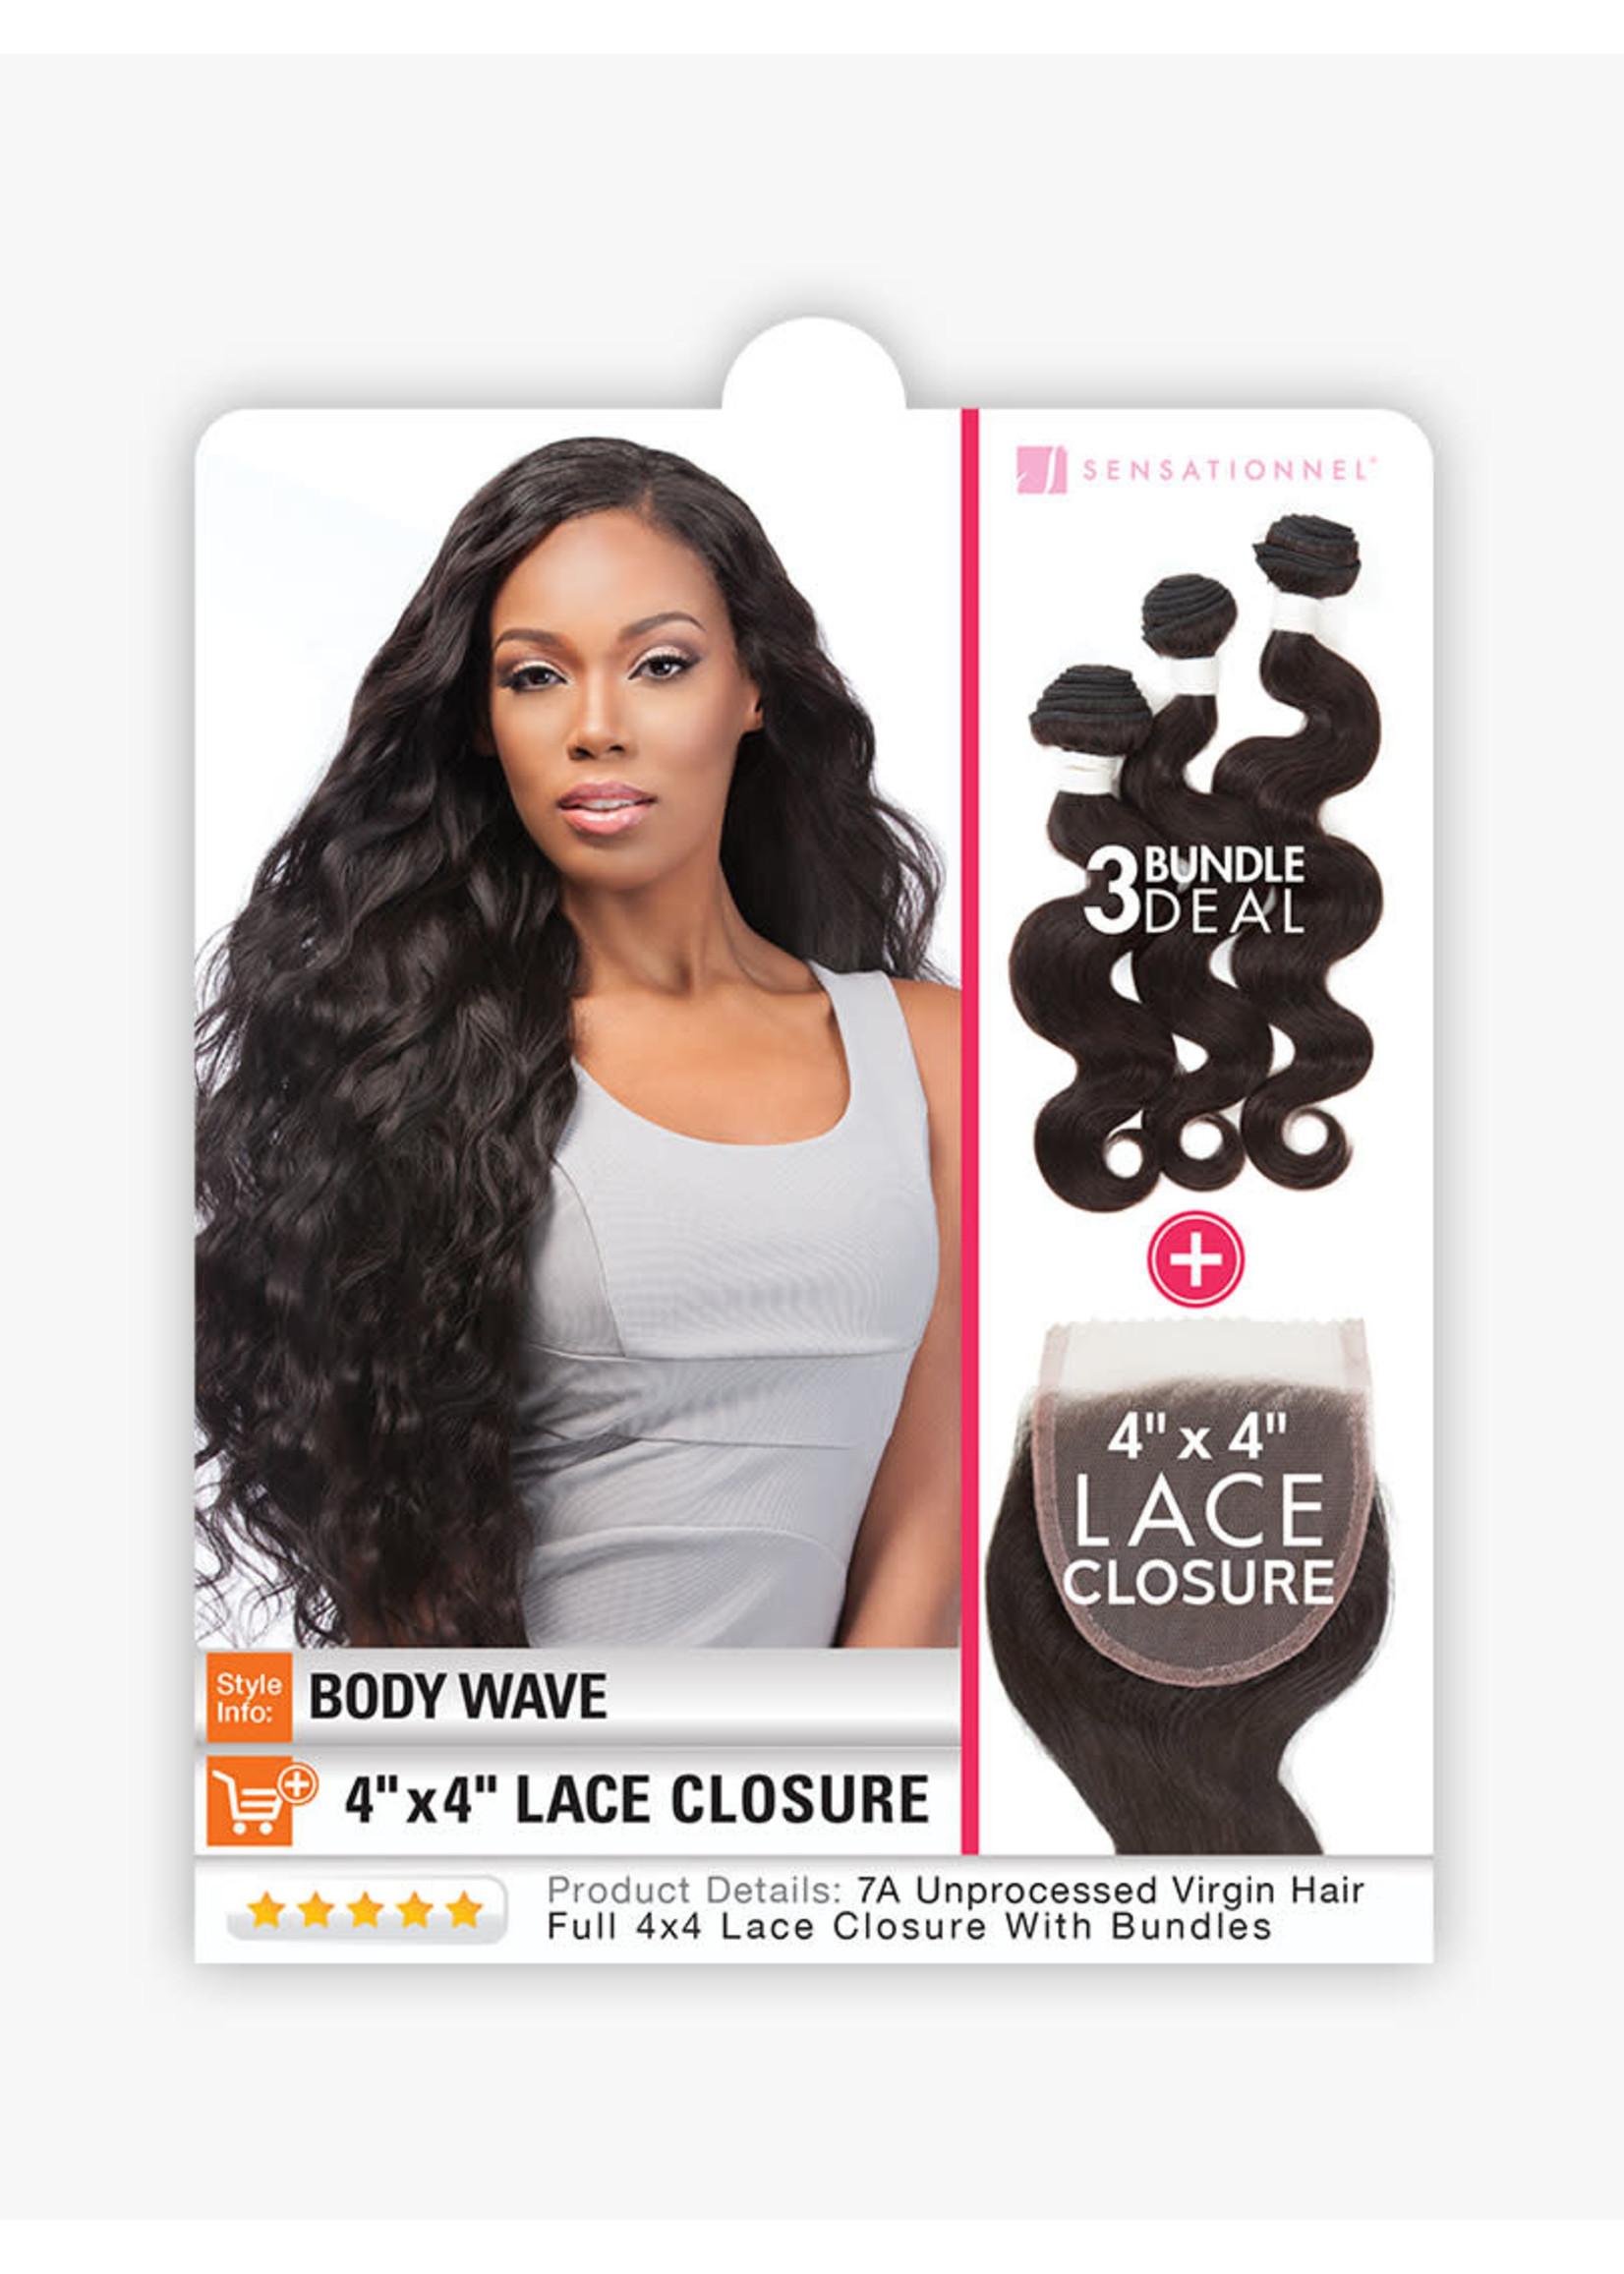 Sensationnel Lace Closure + Bundle Collection Body Wave